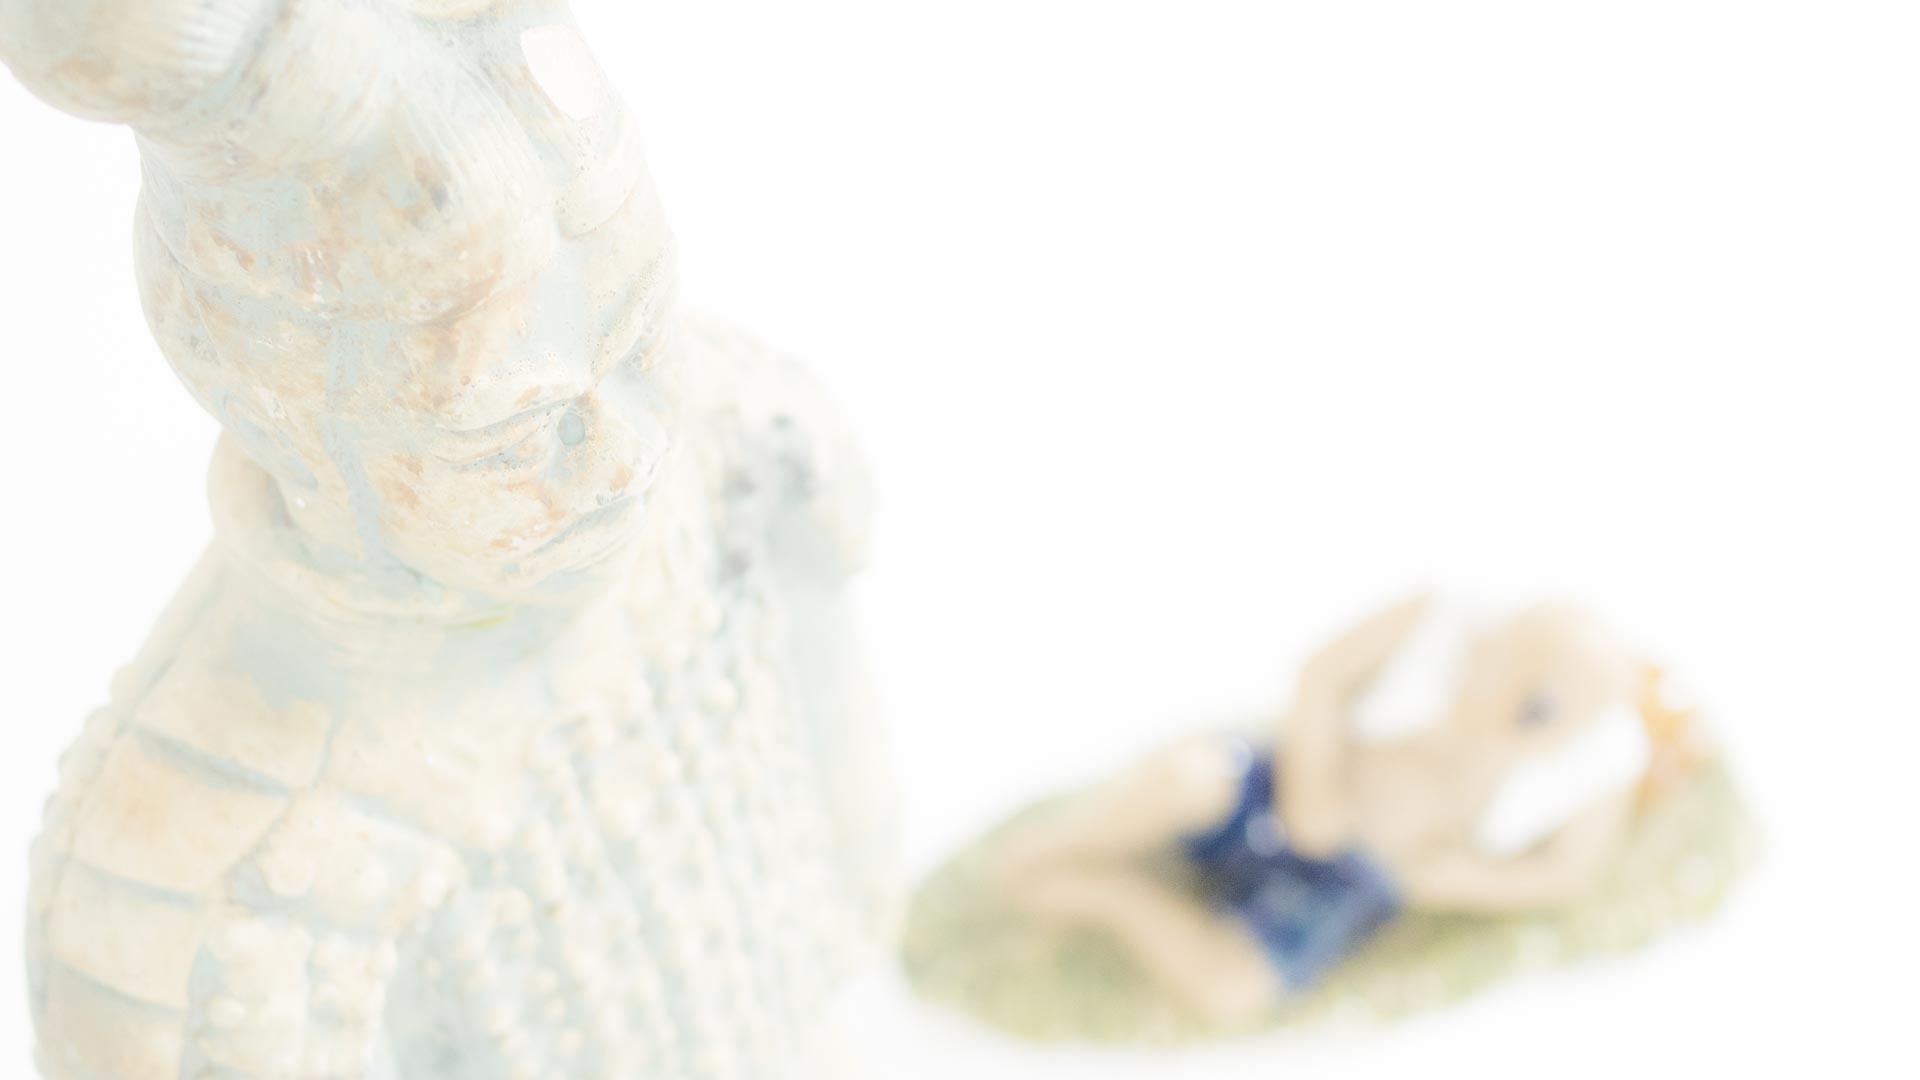 holistische energetische therapie qipong spijkenisse lutte